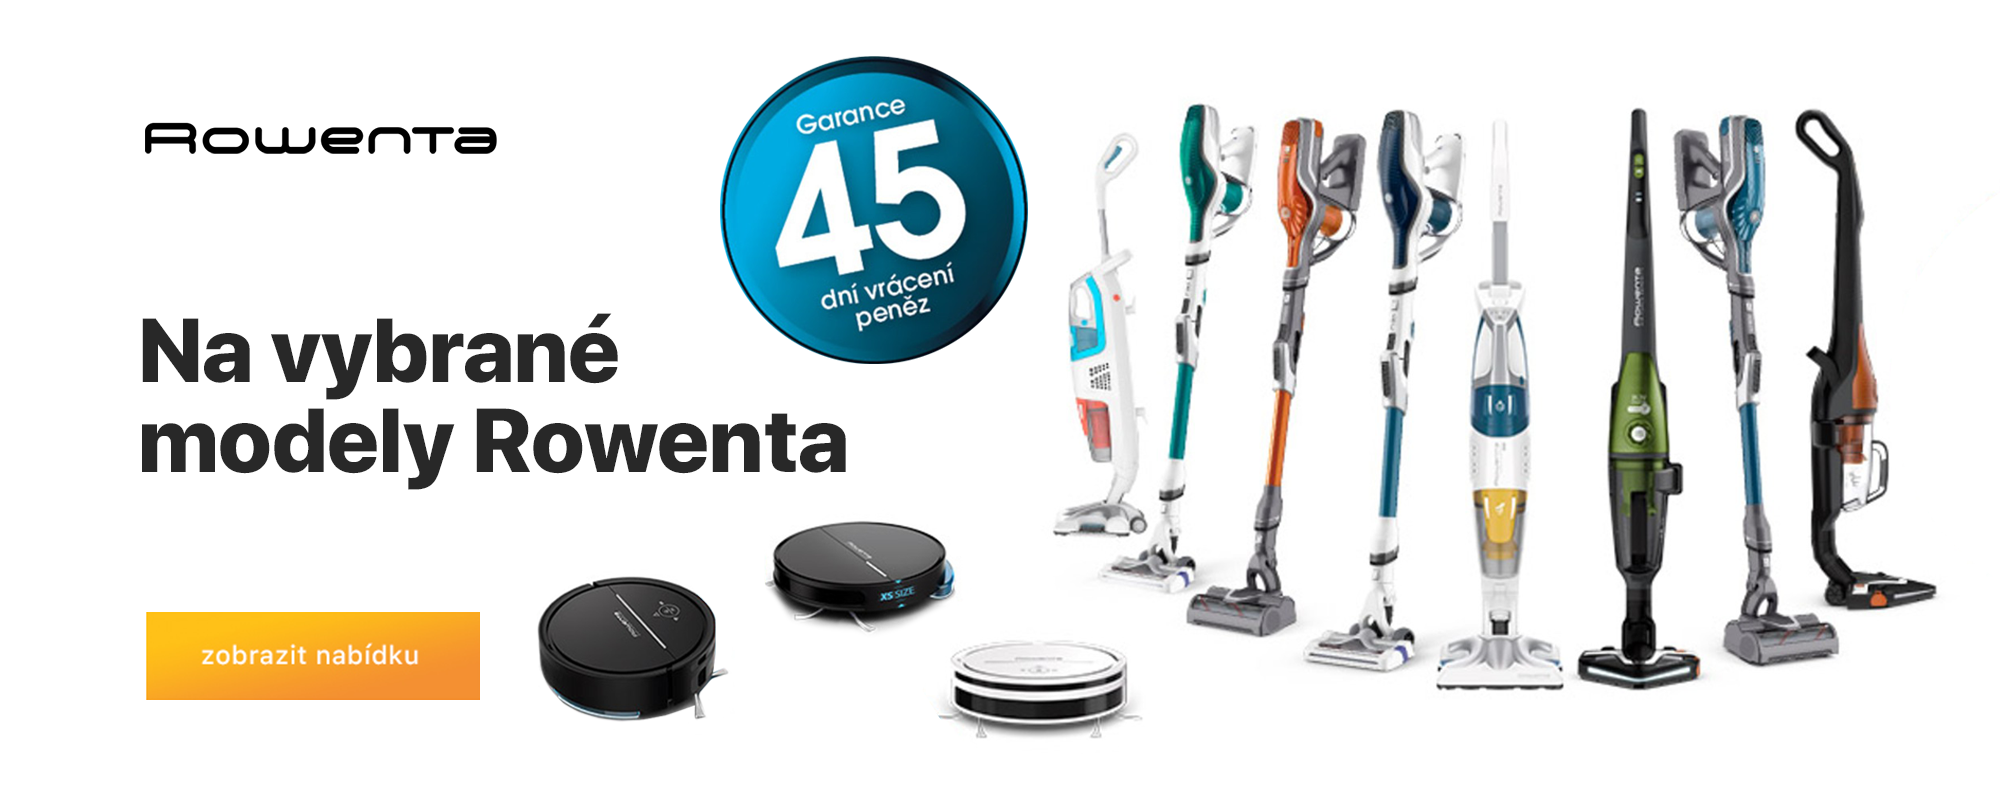 Garance 45 dní vrácení peněz pro vybrané modely značky Rowenta